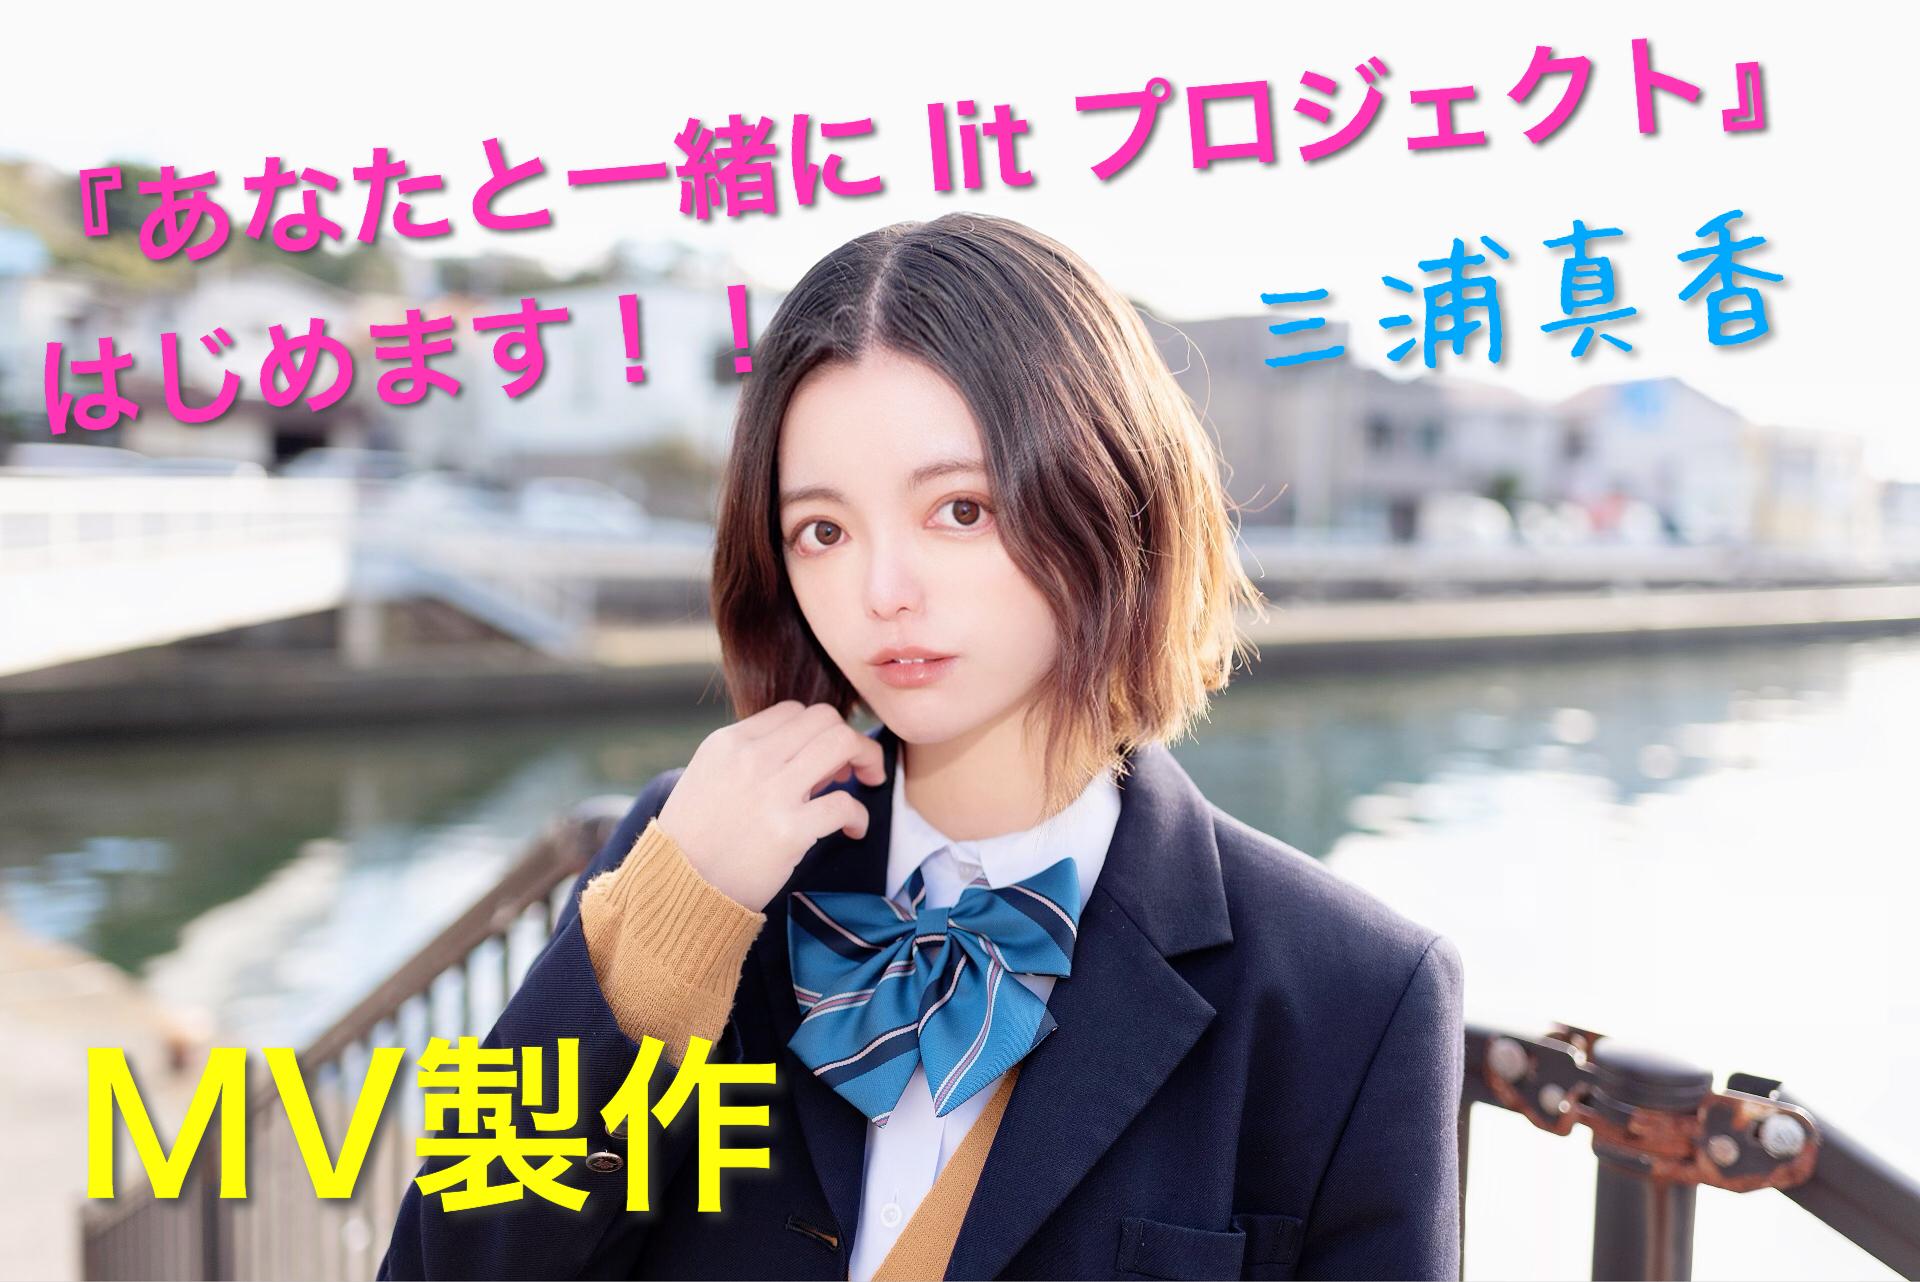 【三浦真香】6/6にリリースする「海風」から自身初となるMV作りたい!MV製作キャンペーン!